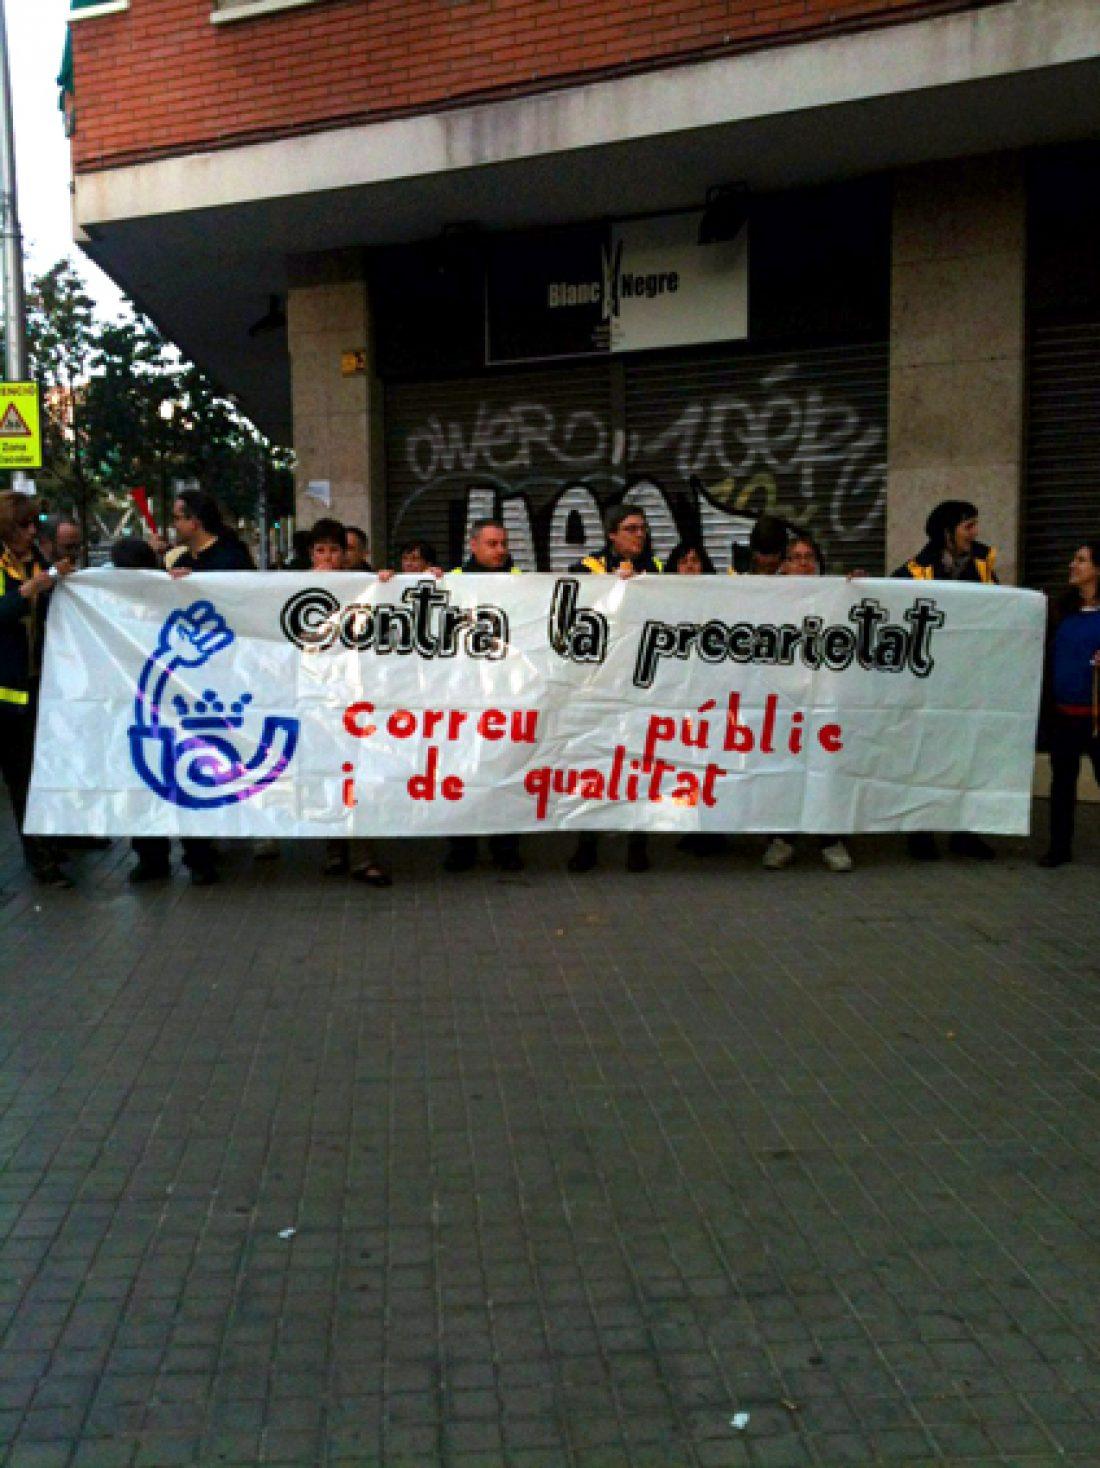 Mas del 80% de los carteros de la ciudad de Barcelona han participado en las movilizaciones convocadas por la CGT